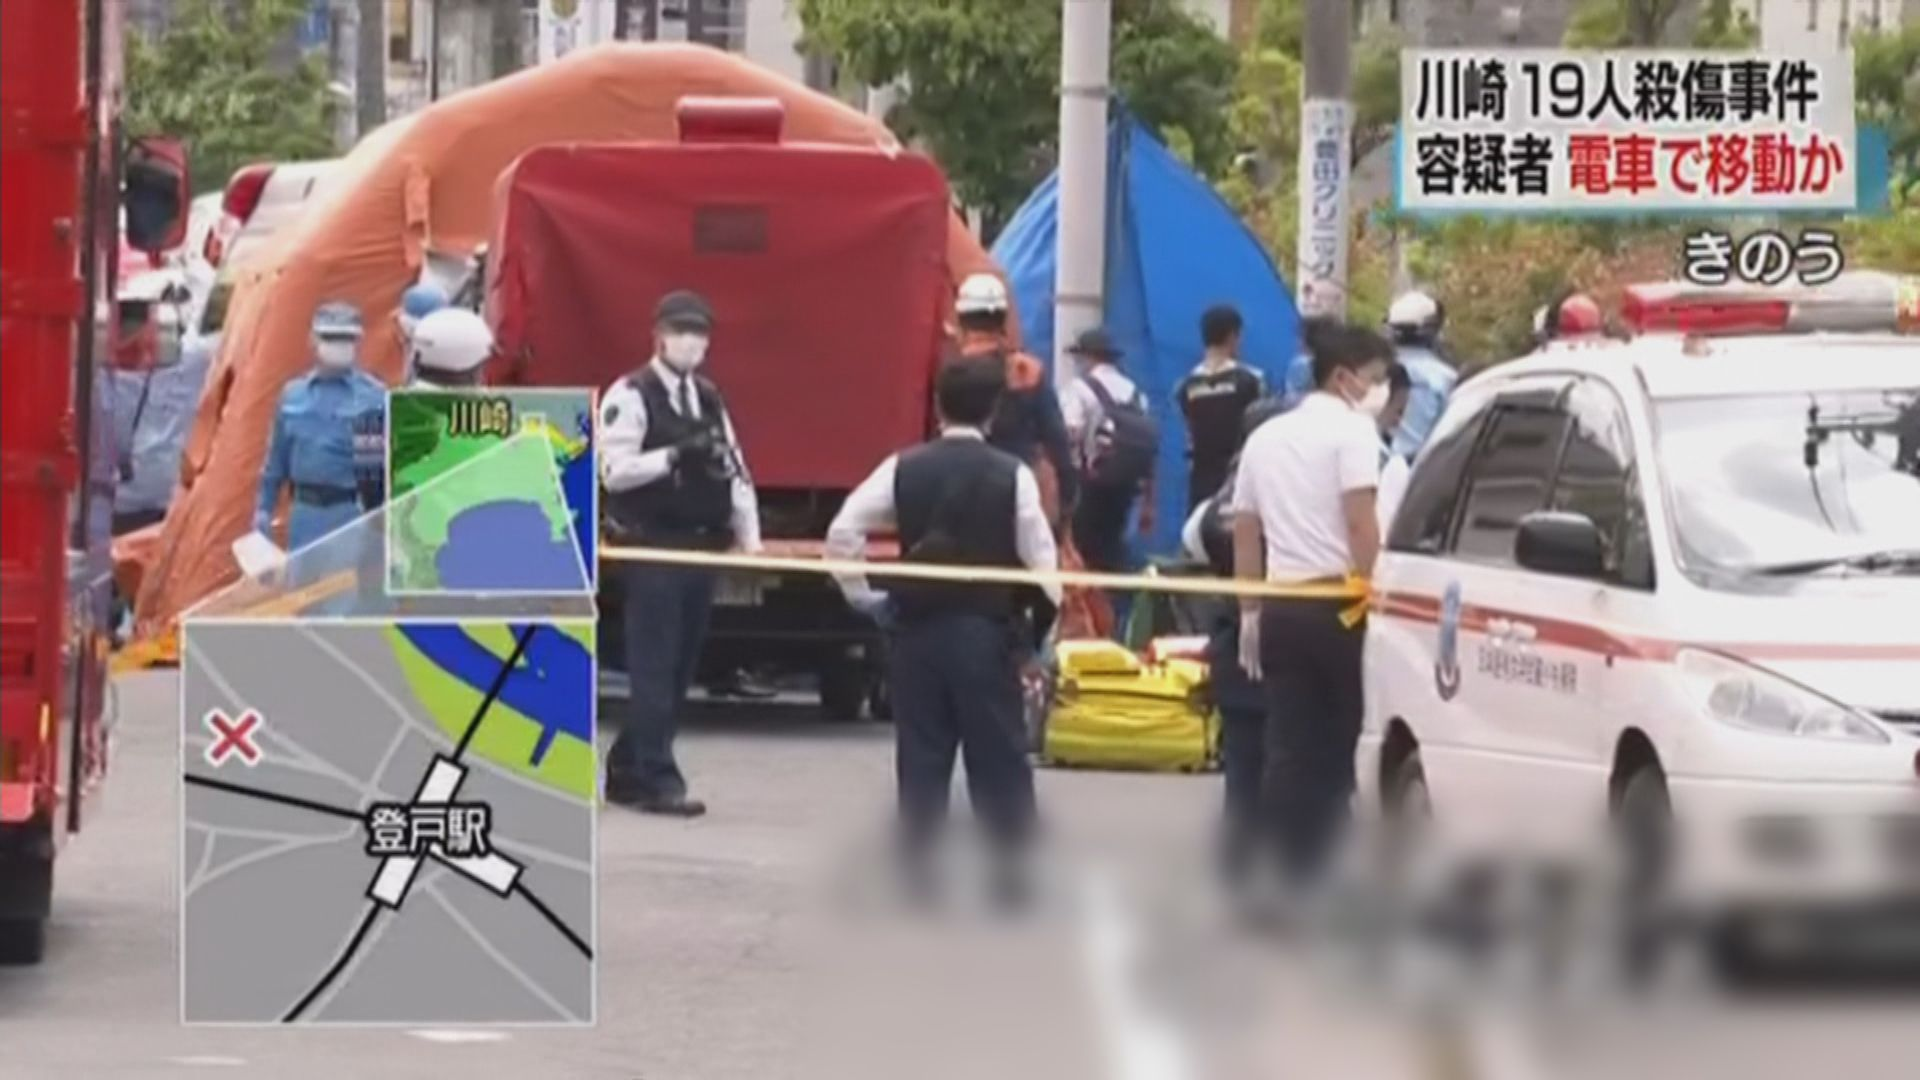 日本川崎市襲擊 疑兇或預謀大量殺人